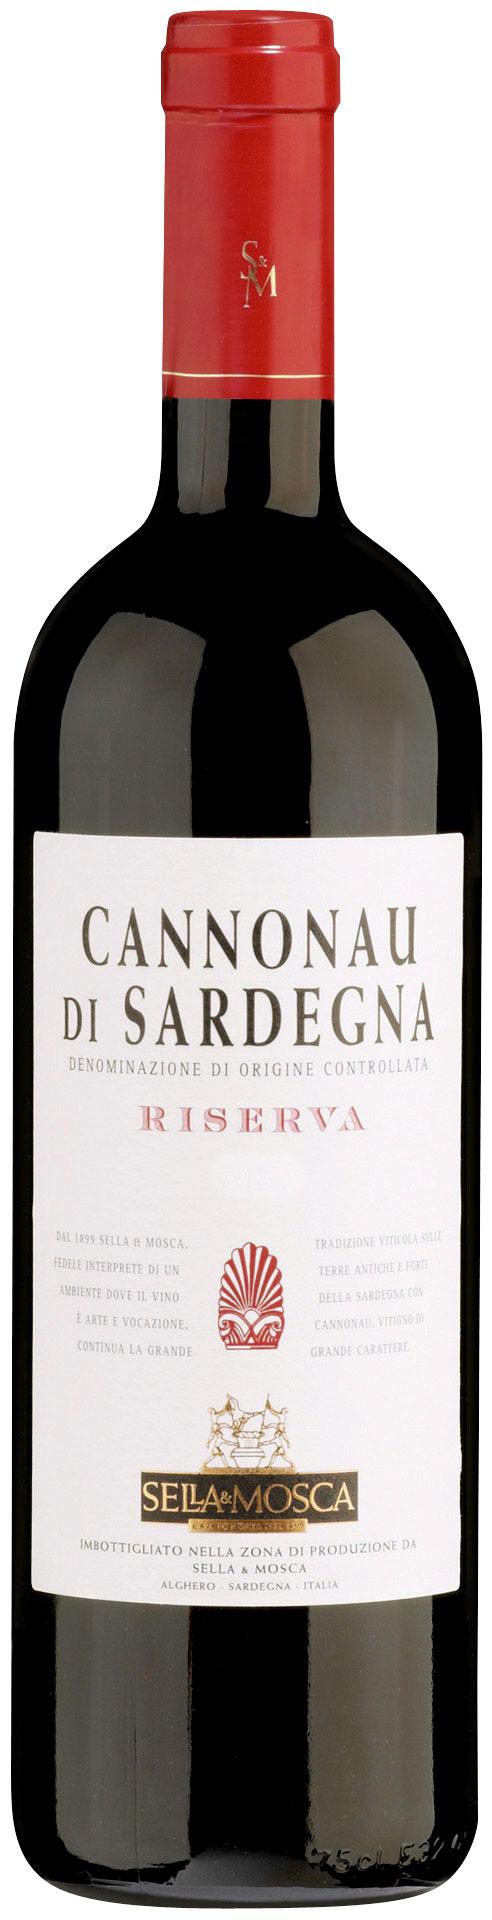 2013 Cannonau di Sardegna DOC, Riserva Sella & Mosca